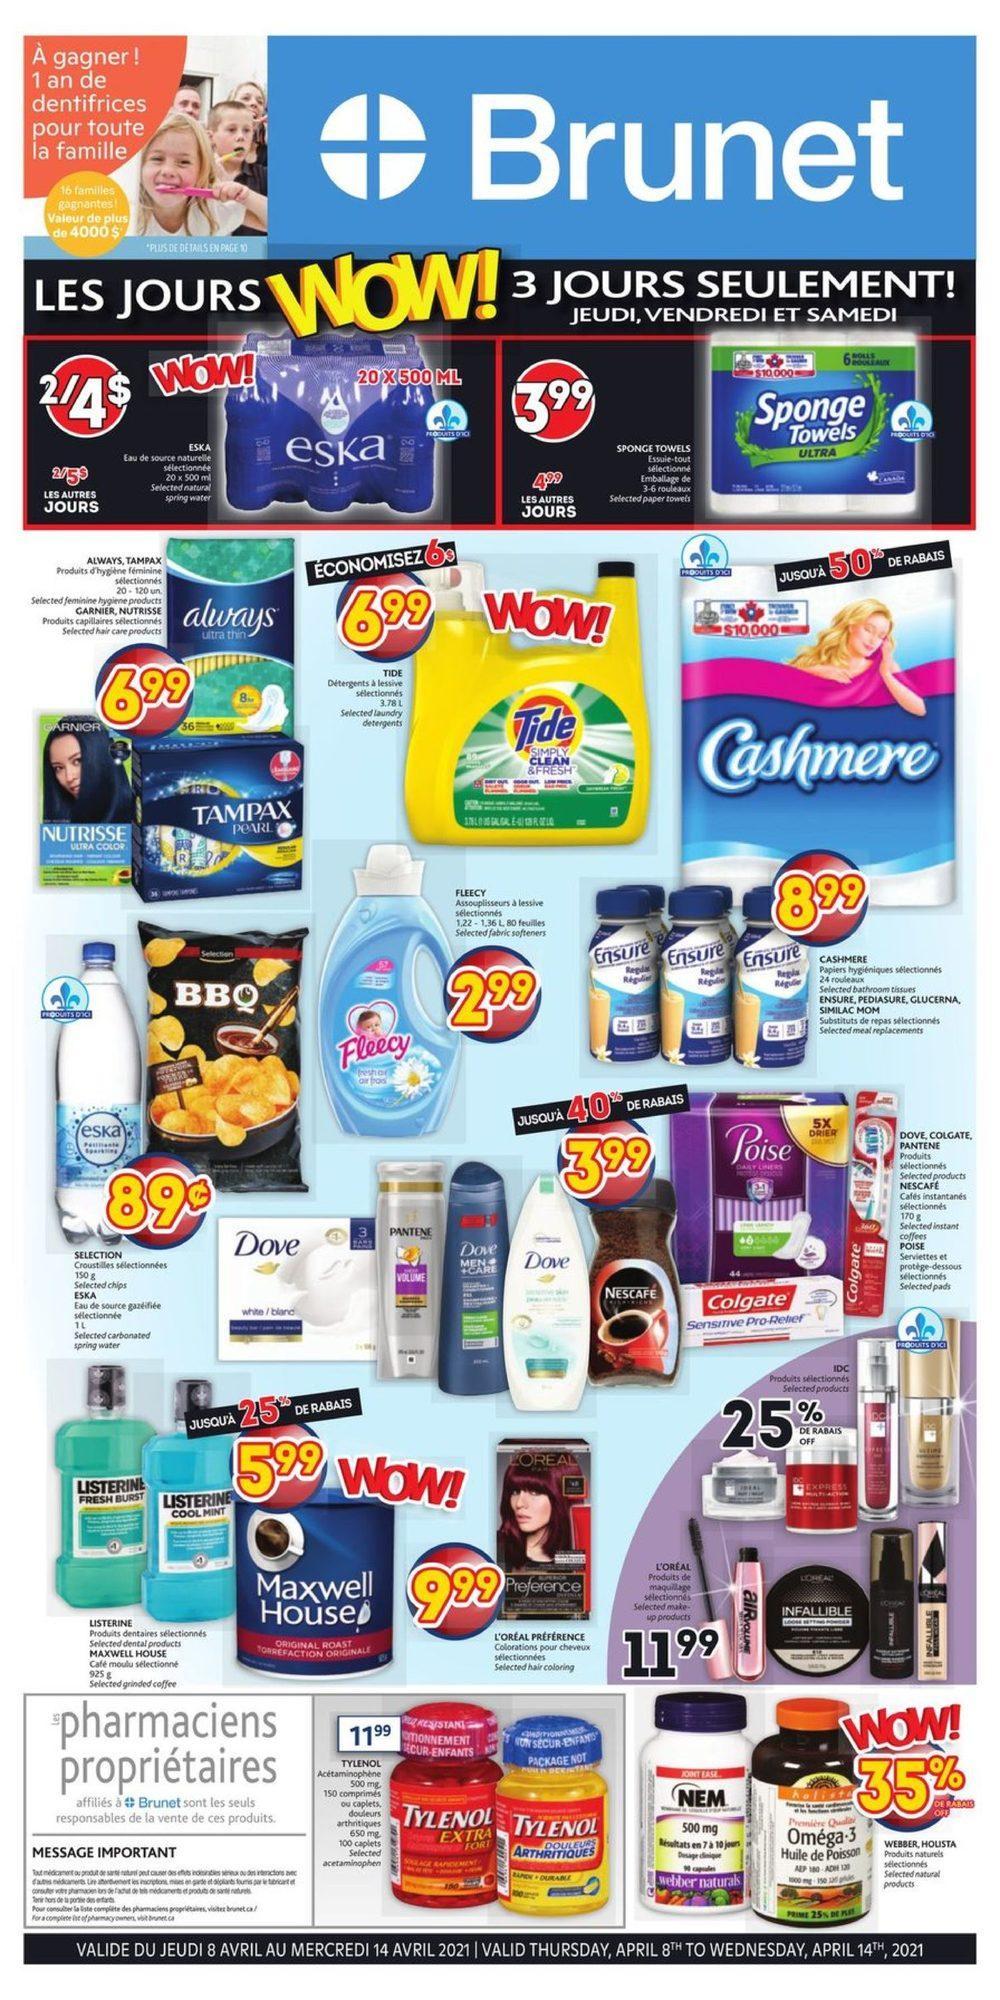 Brunet - Weekly Flyer Specials